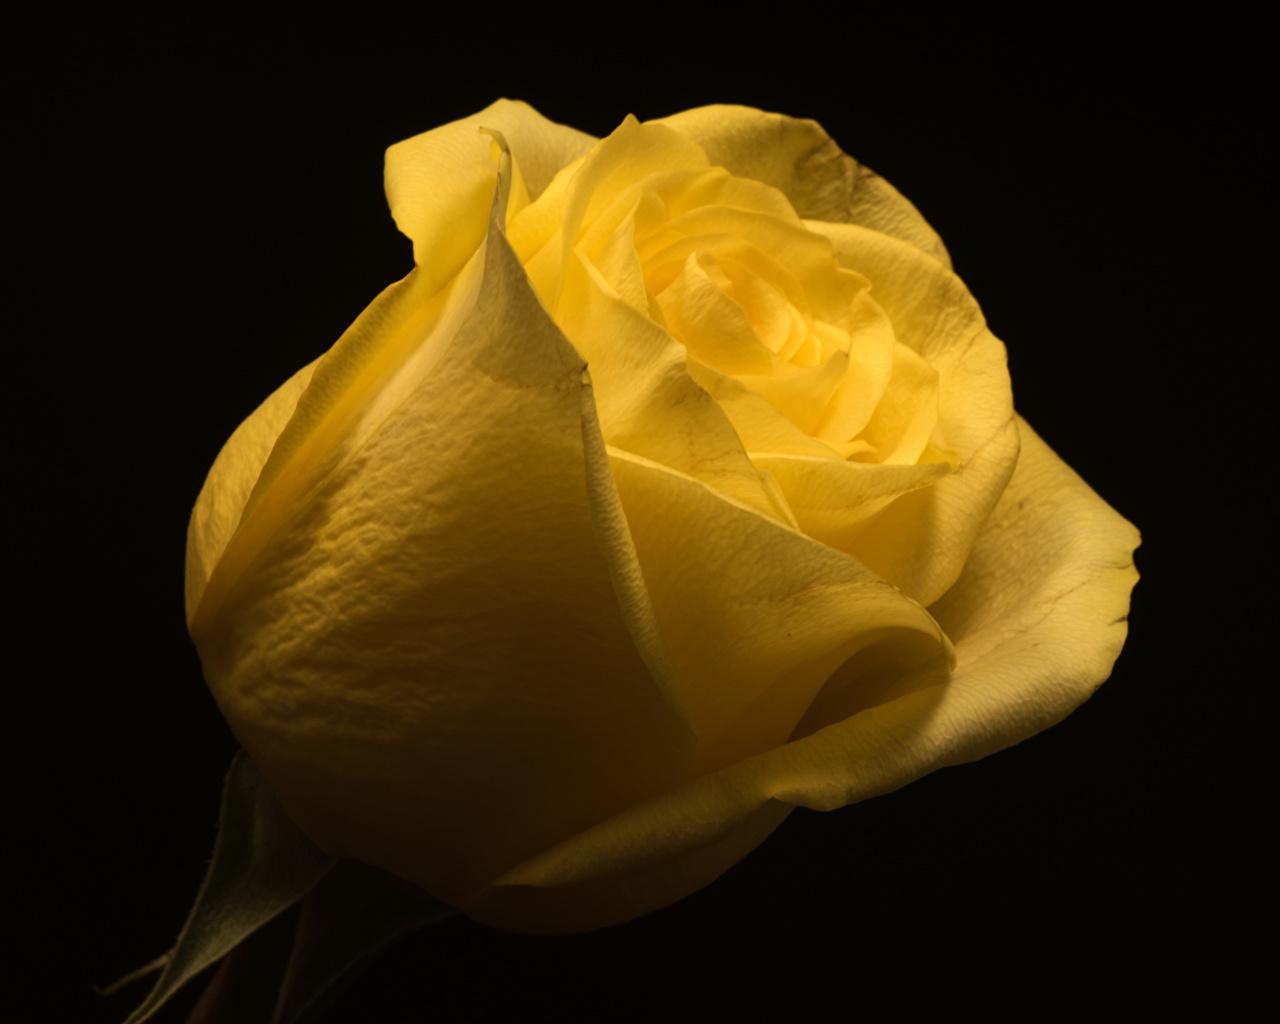 Фотография Розы желтые цветок вблизи на черном фоне роза желтая Желтый желтых Цветы Черный фон Крупным планом